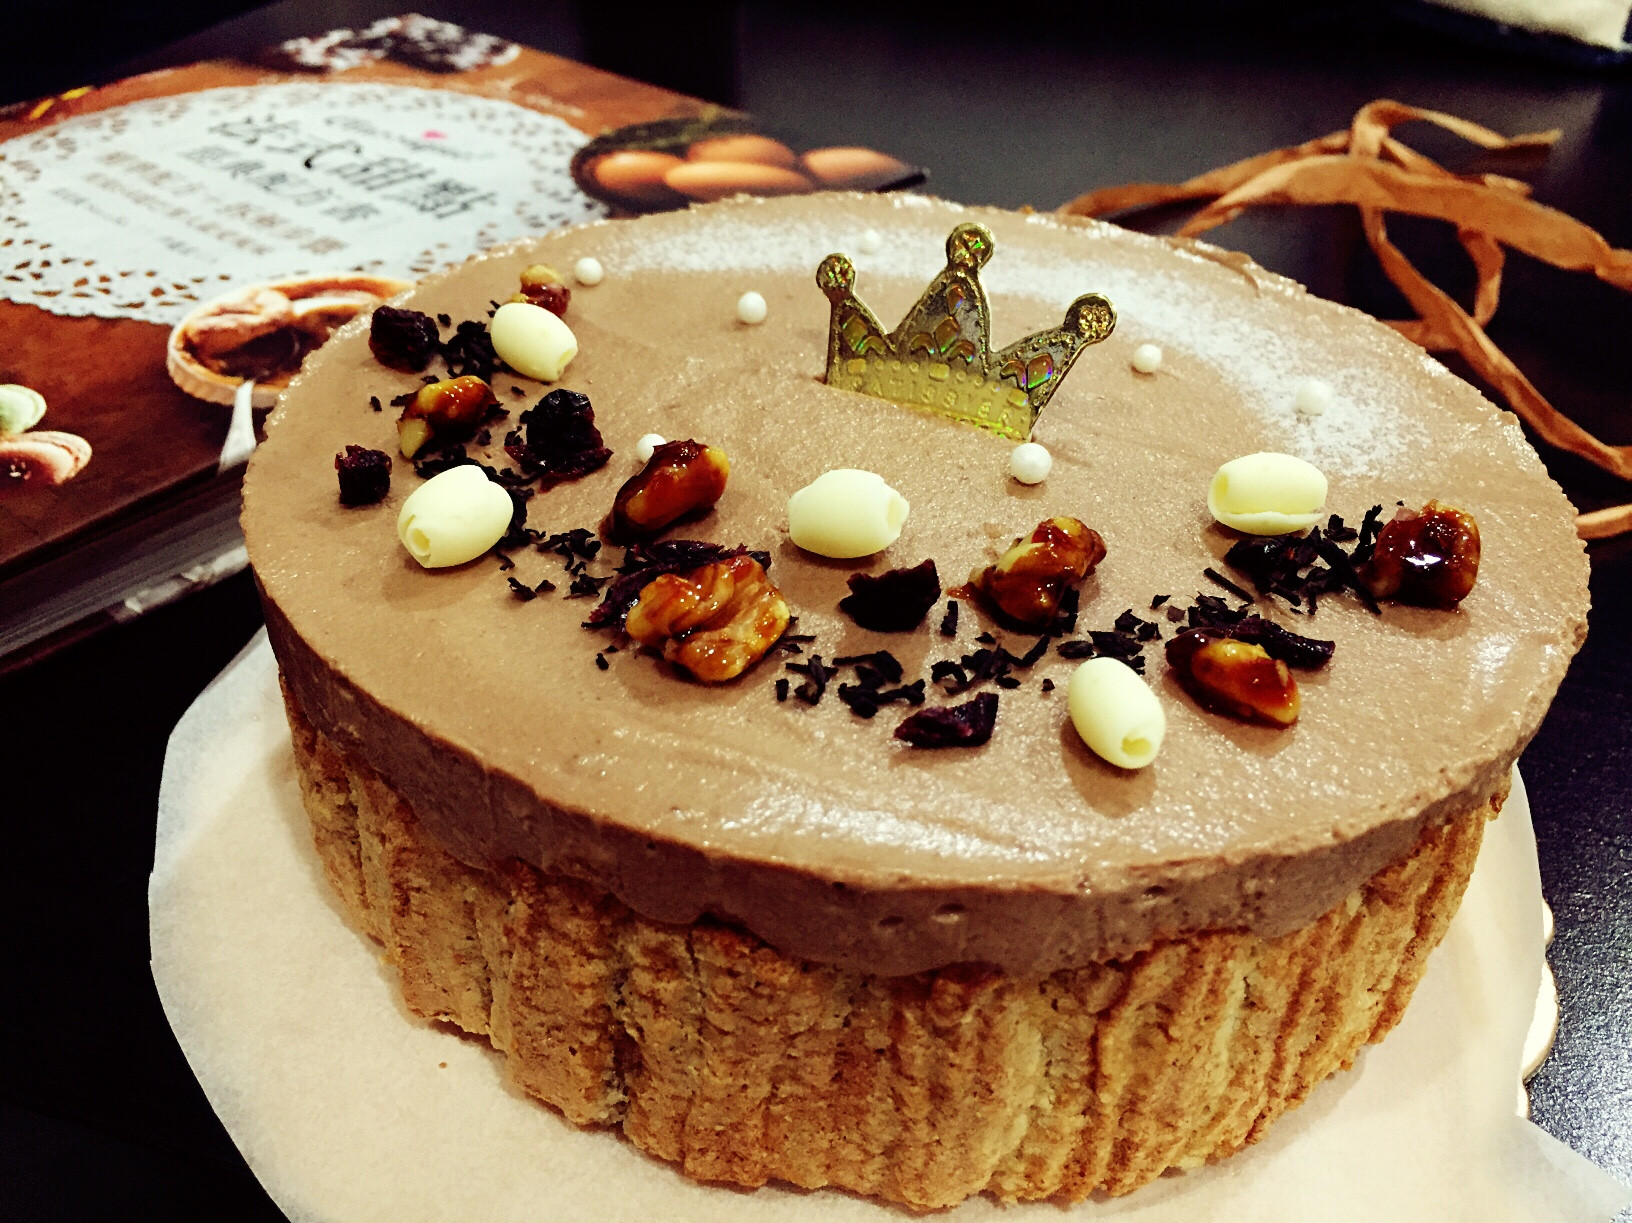 伯爵巧克力慕斯蛋糕